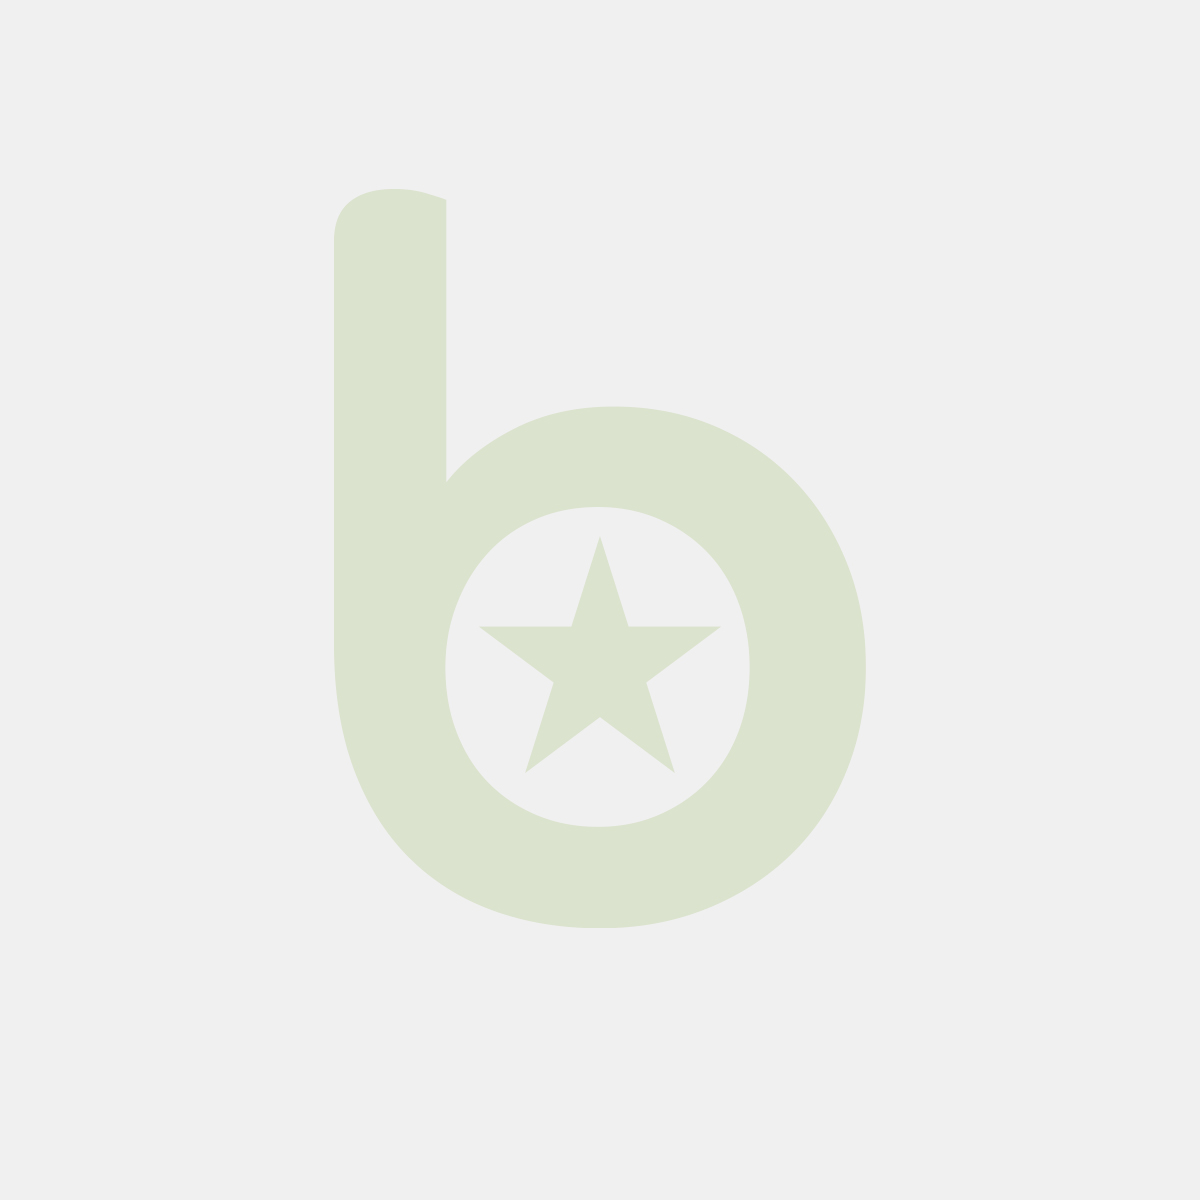 Serwetki PAPSTAR Royal Collection ORNAMENTS 40x40 ciemno niebieski 1/4 opakowanie 50szt (5)